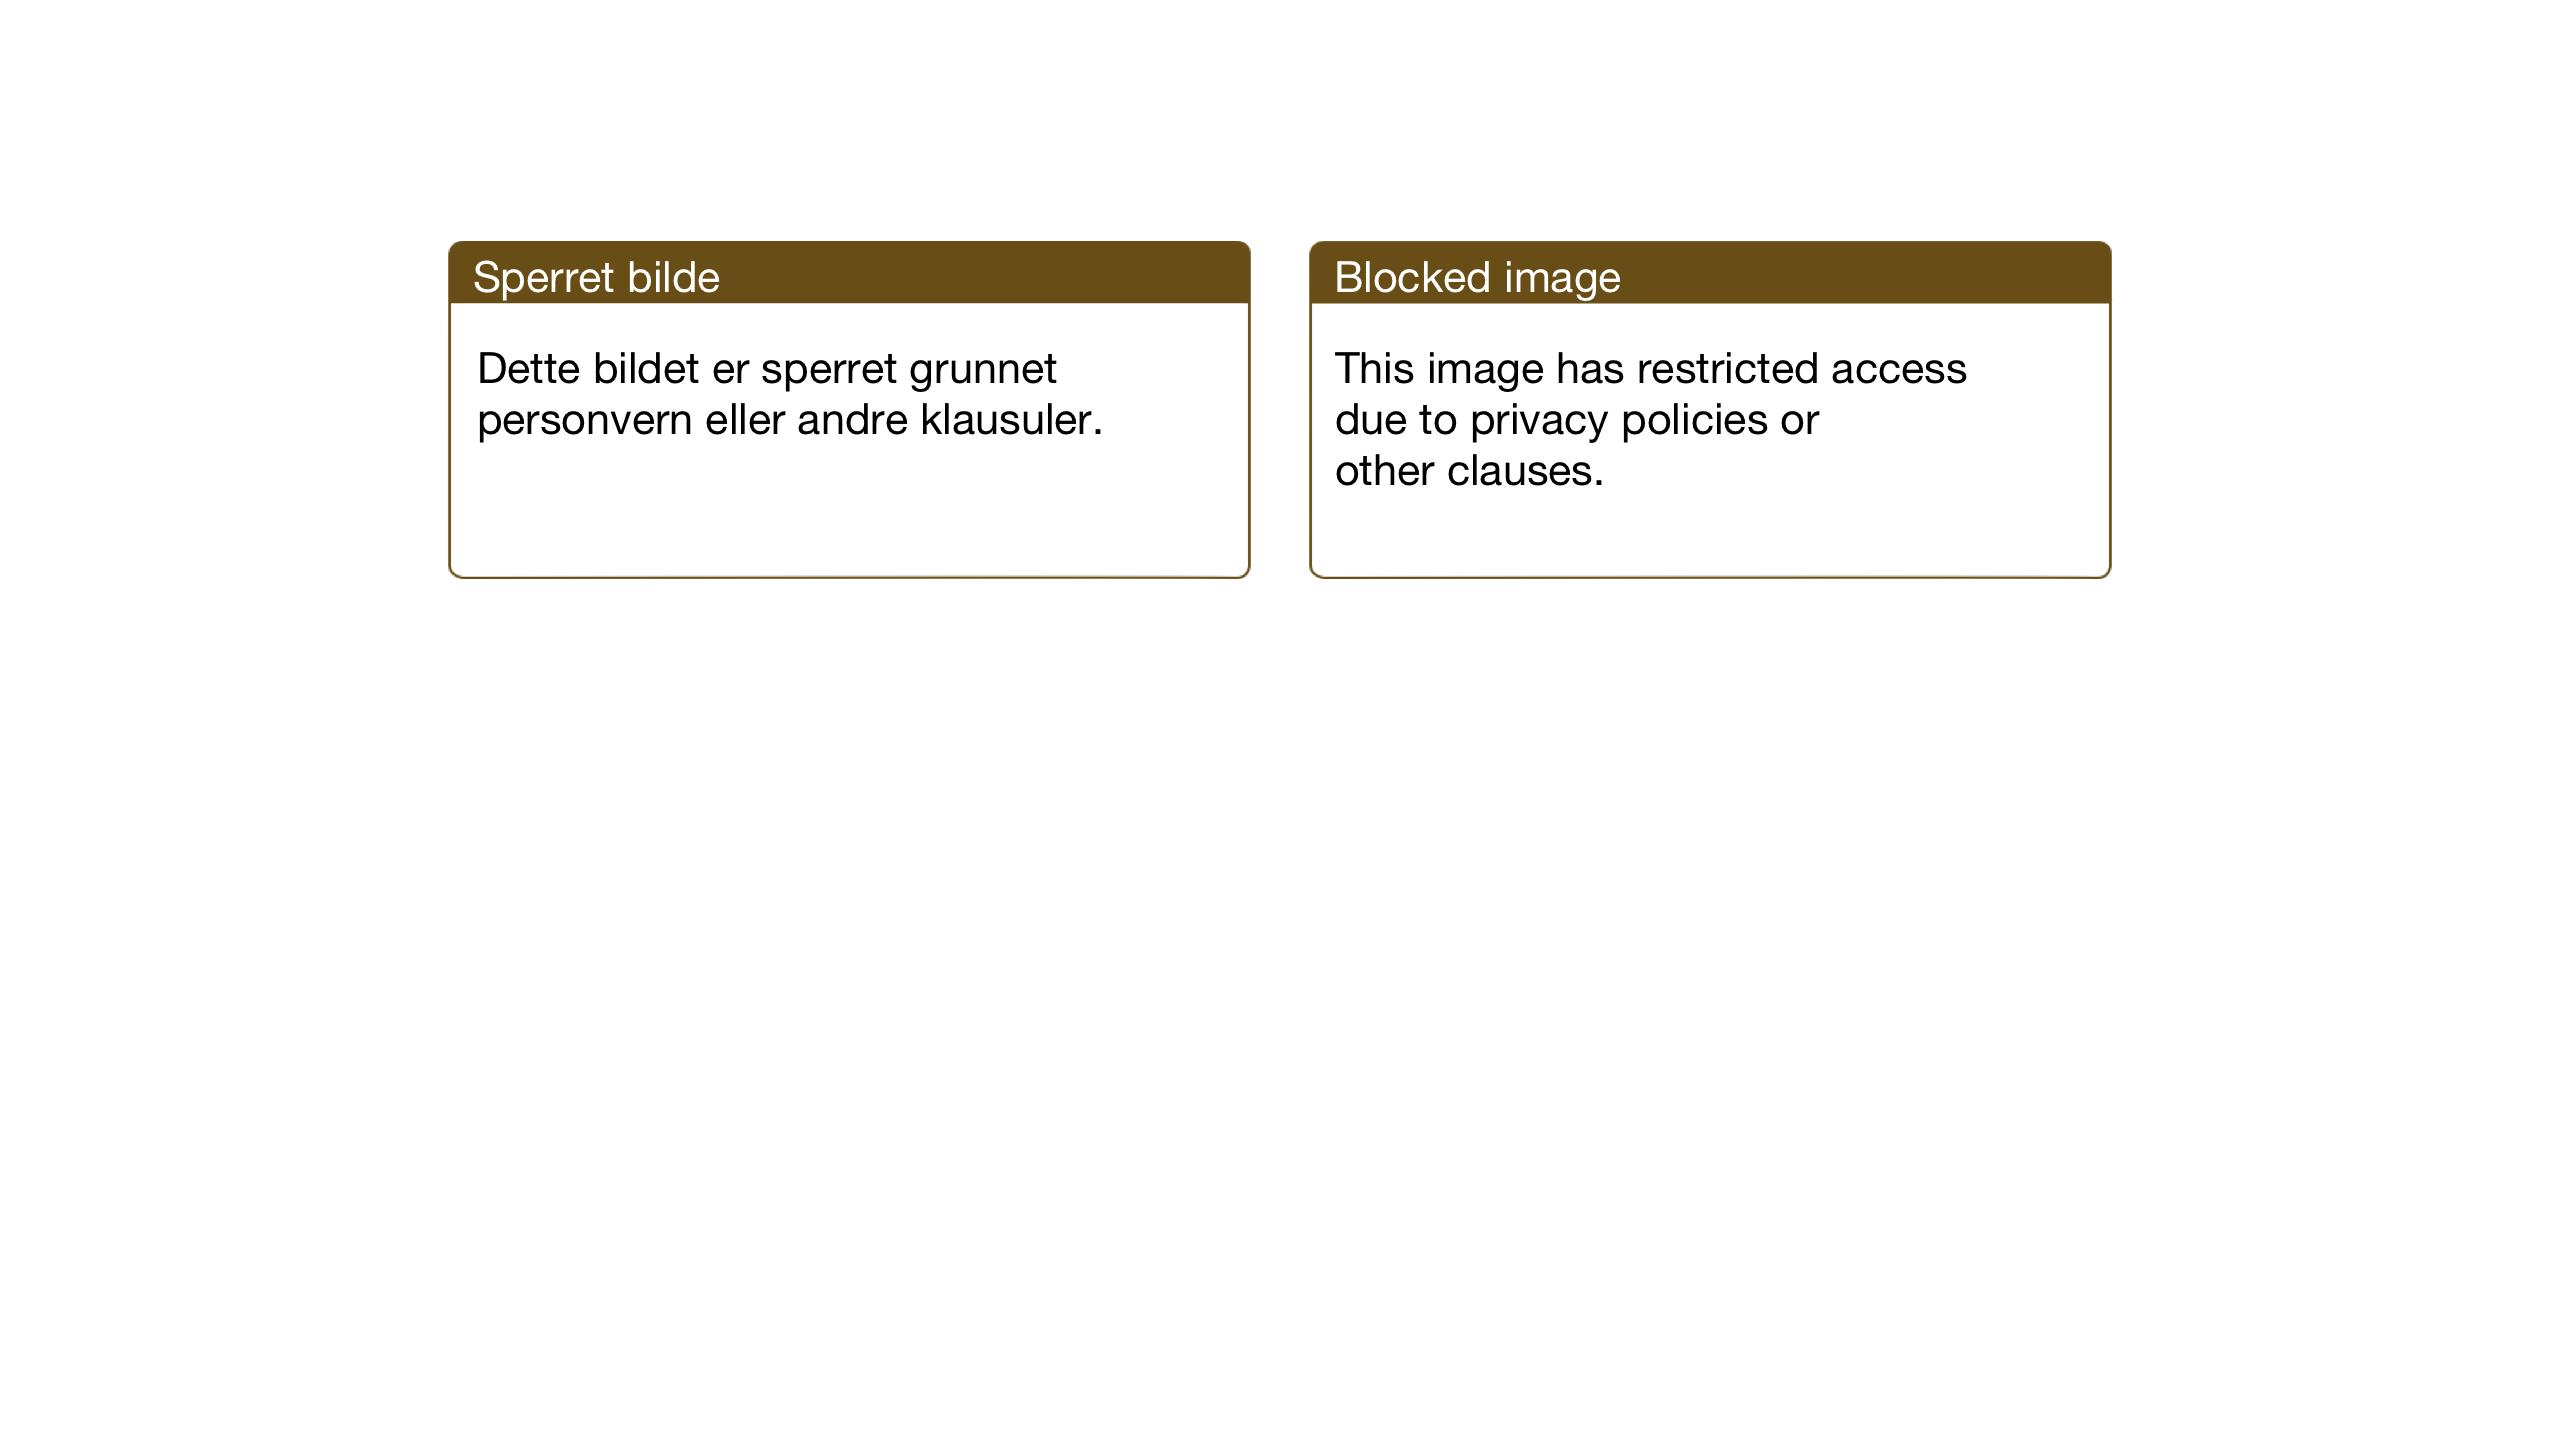 SAT, Ministerialprotokoller, klokkerbøker og fødselsregistre - Nord-Trøndelag, 740/L0383: Klokkerbok nr. 740C04, 1927-1939, s. 17